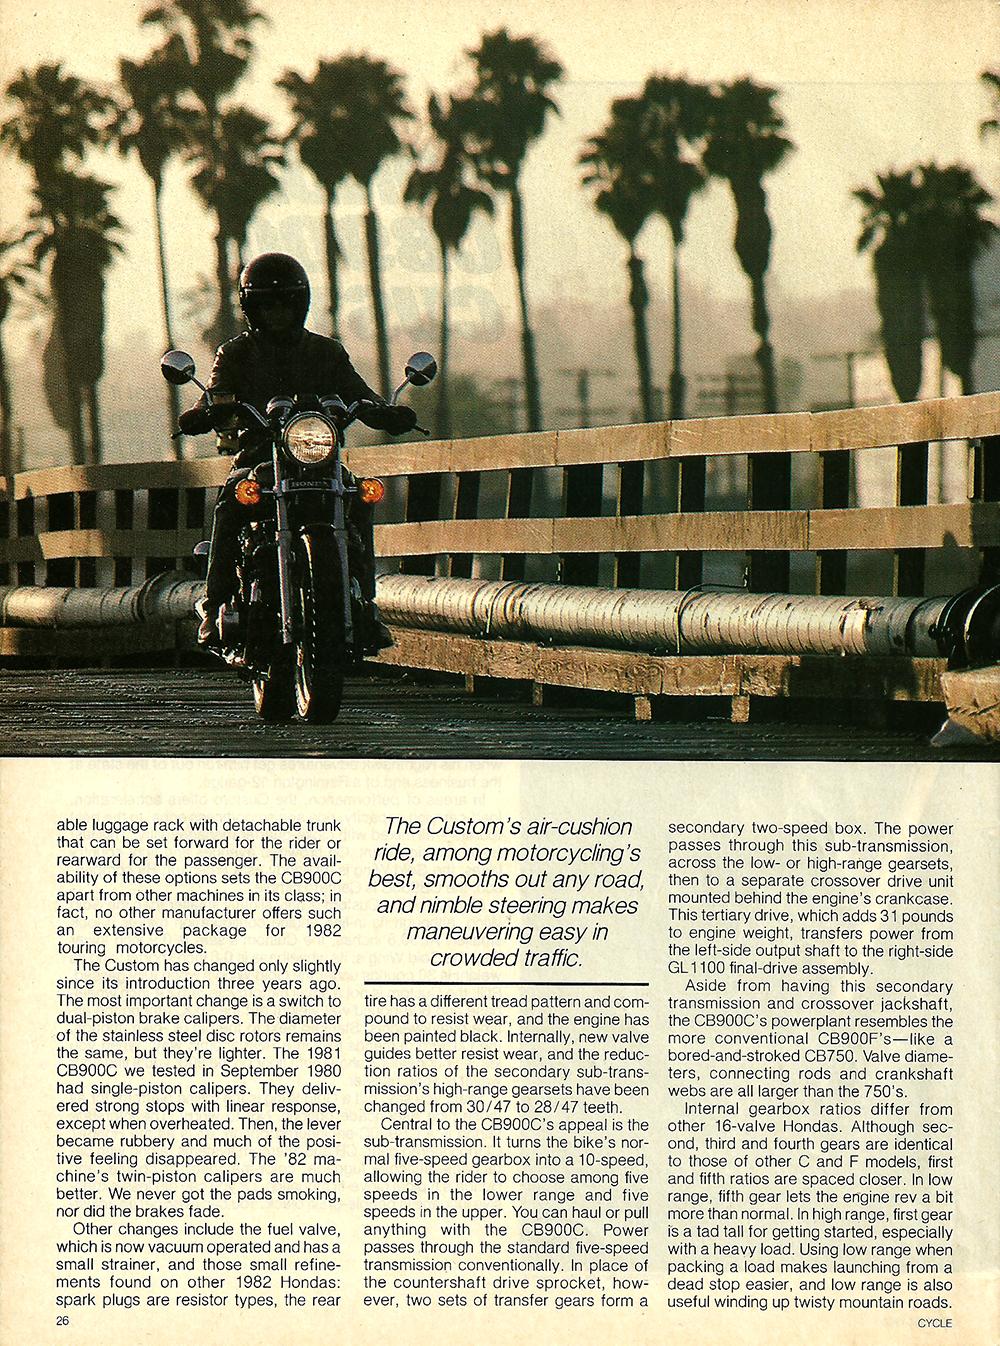 1982 Honda CB900C Custom road test 3.jpg